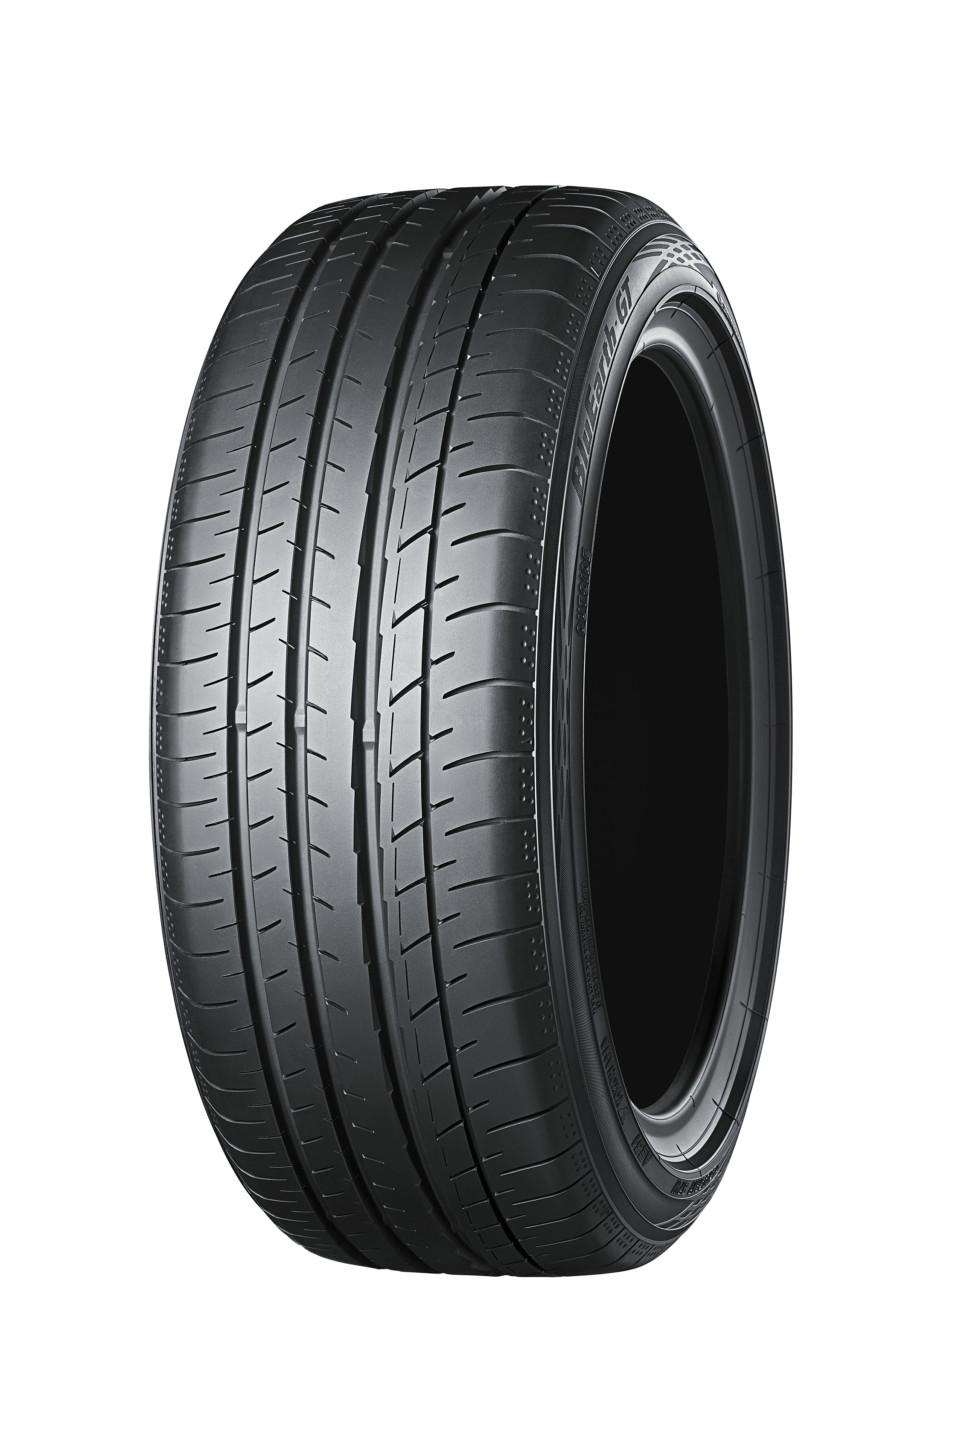 ブルーアース―GT AE51